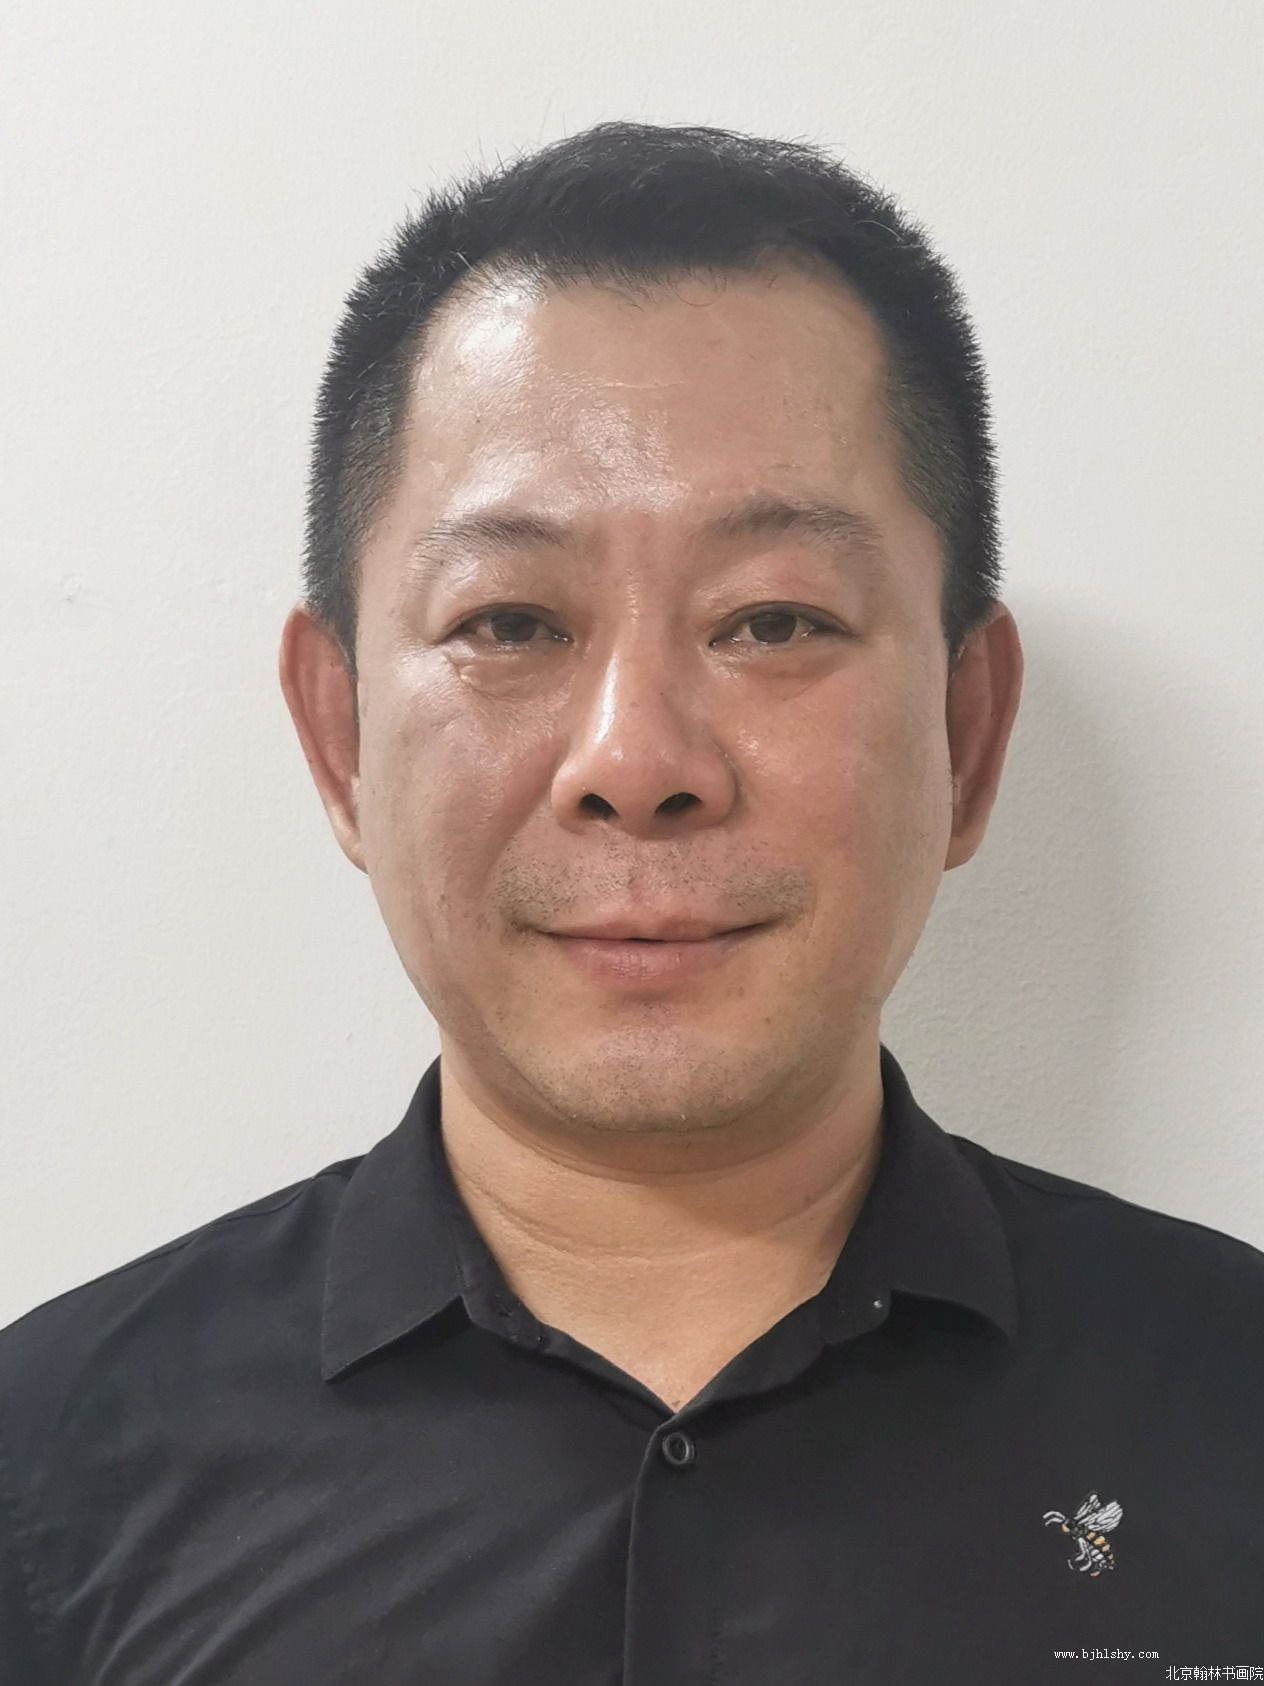 黄勇真,北京翰林书画院广东潮汕分院副院长